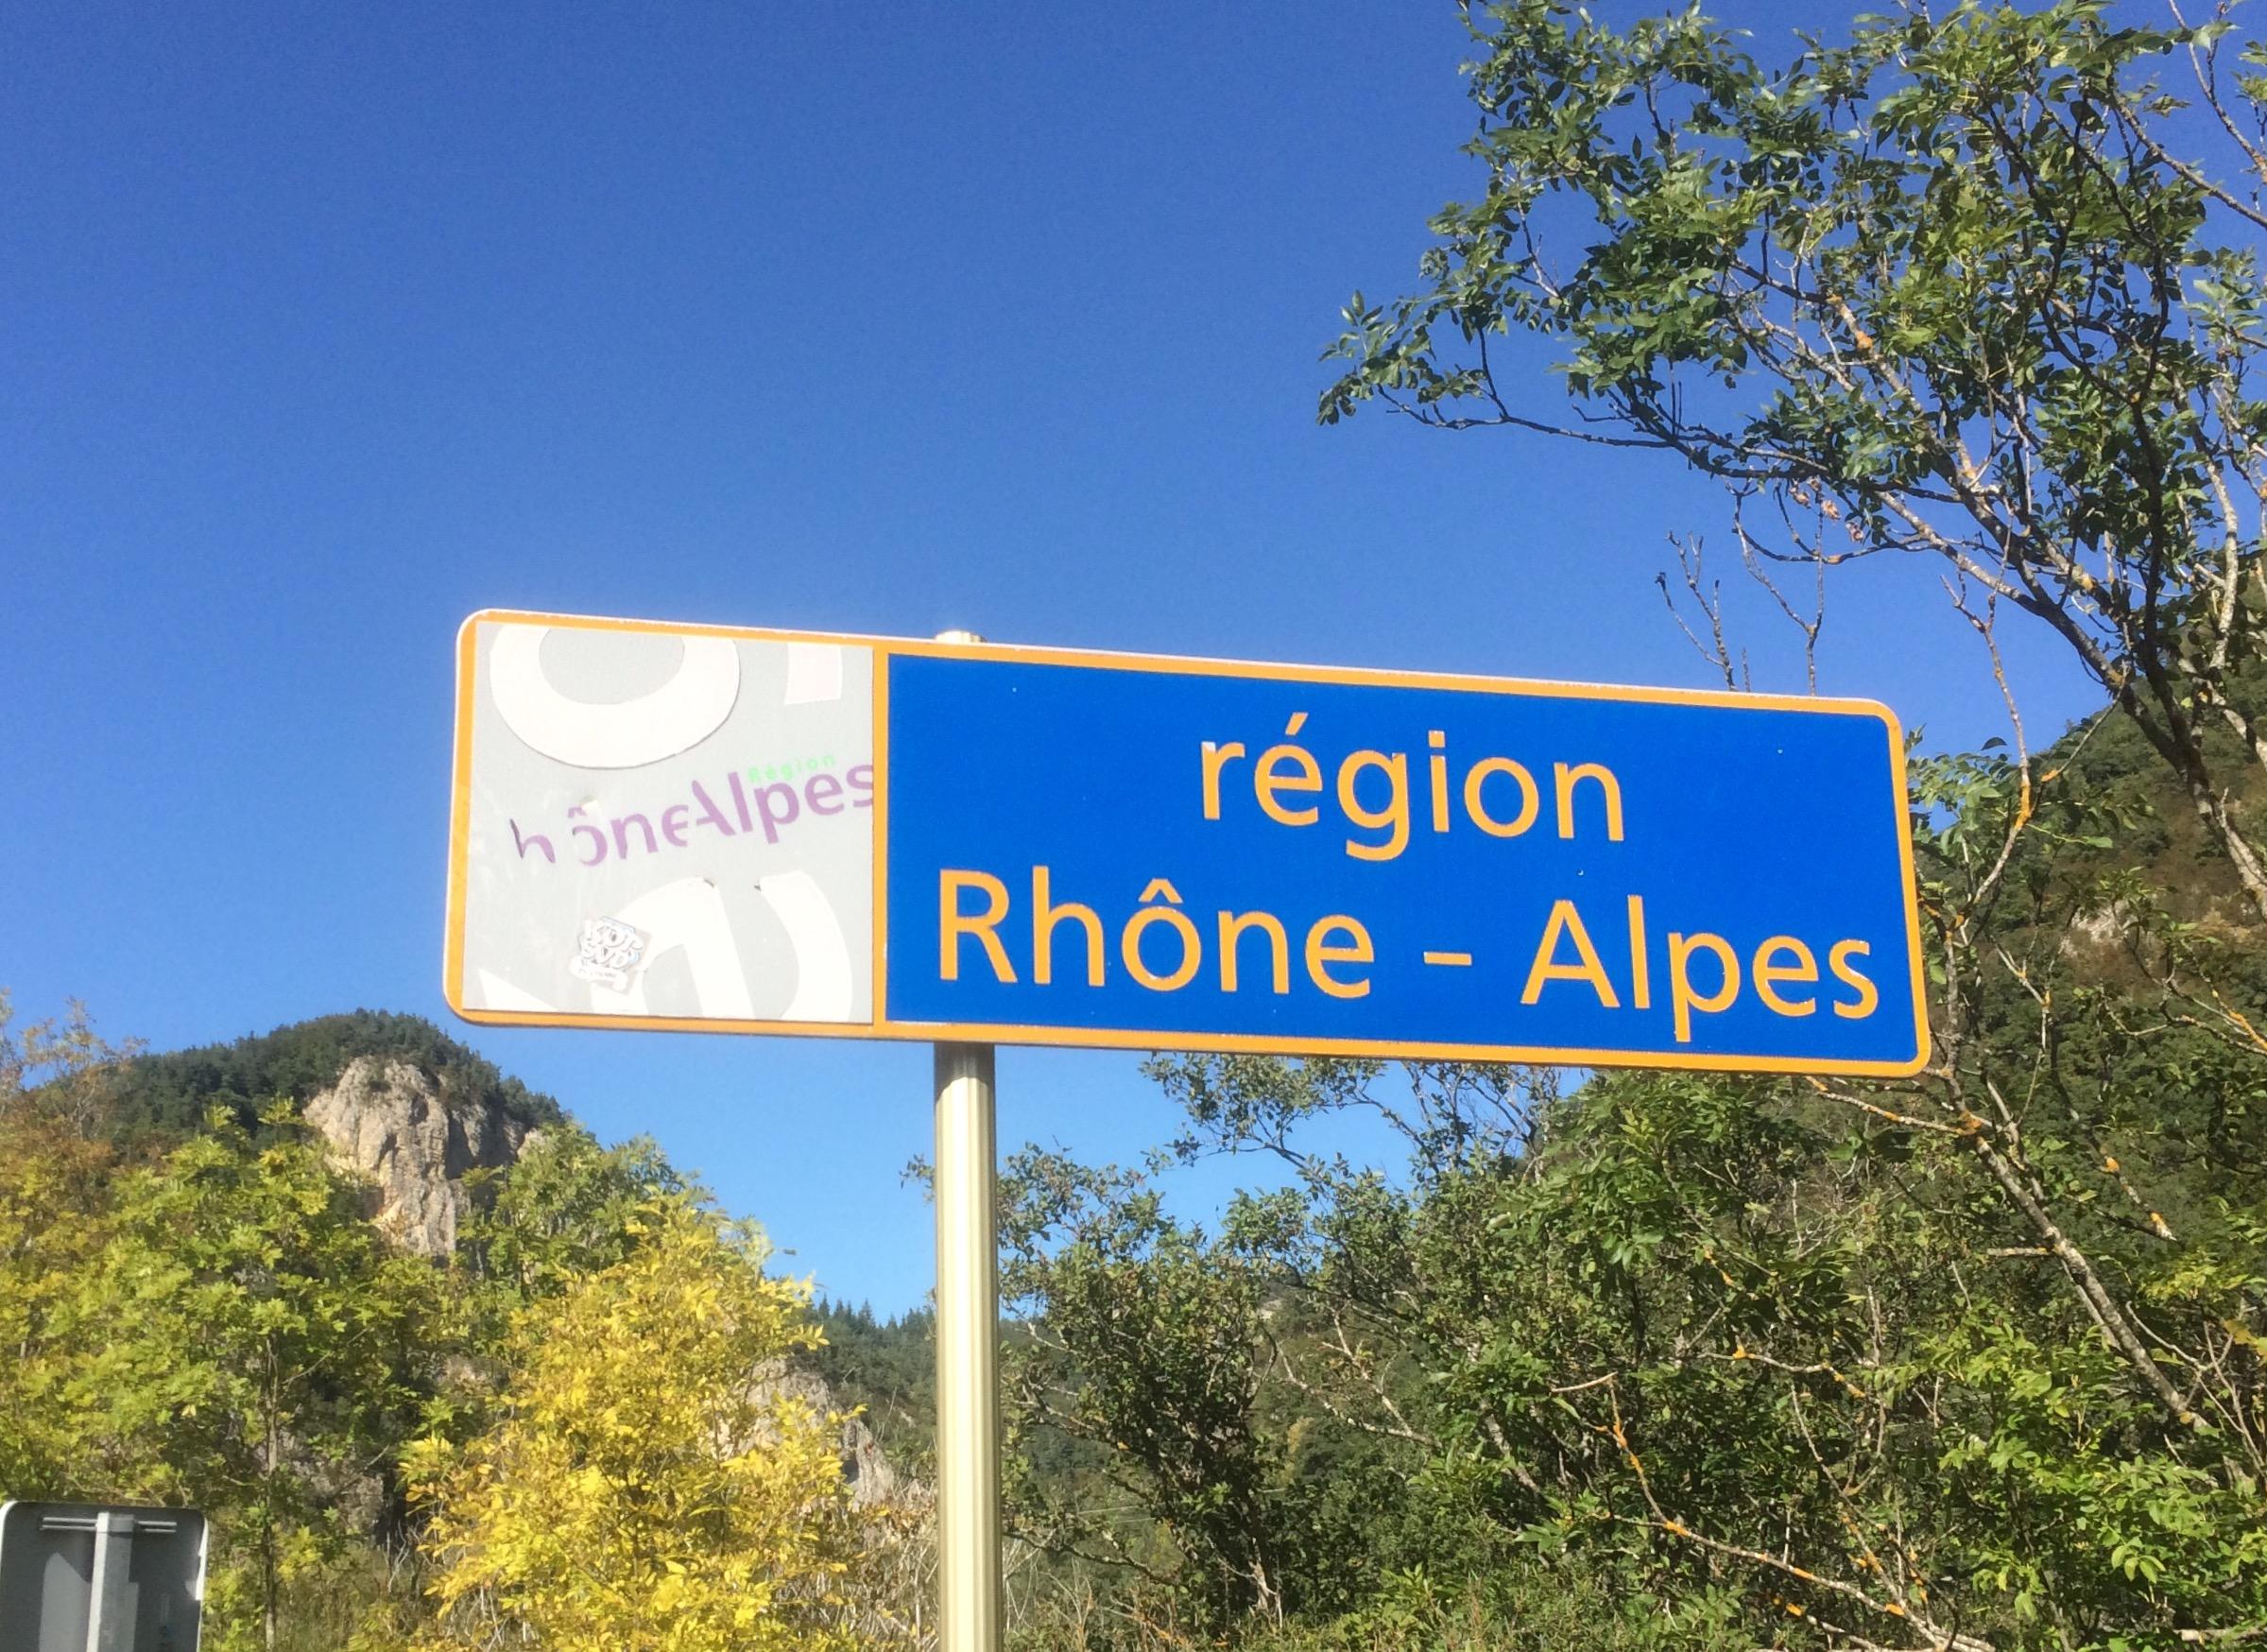 Je contacte com rhone alpes